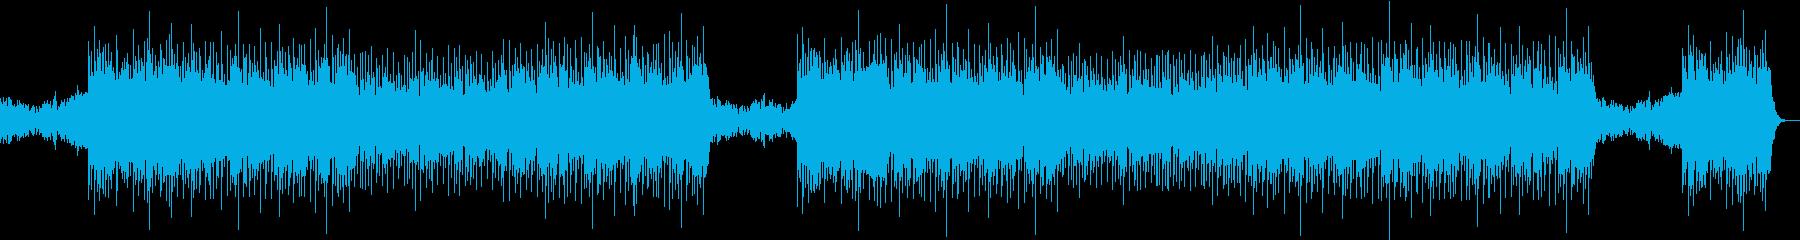 ヒップホップ系音楽の再生済みの波形